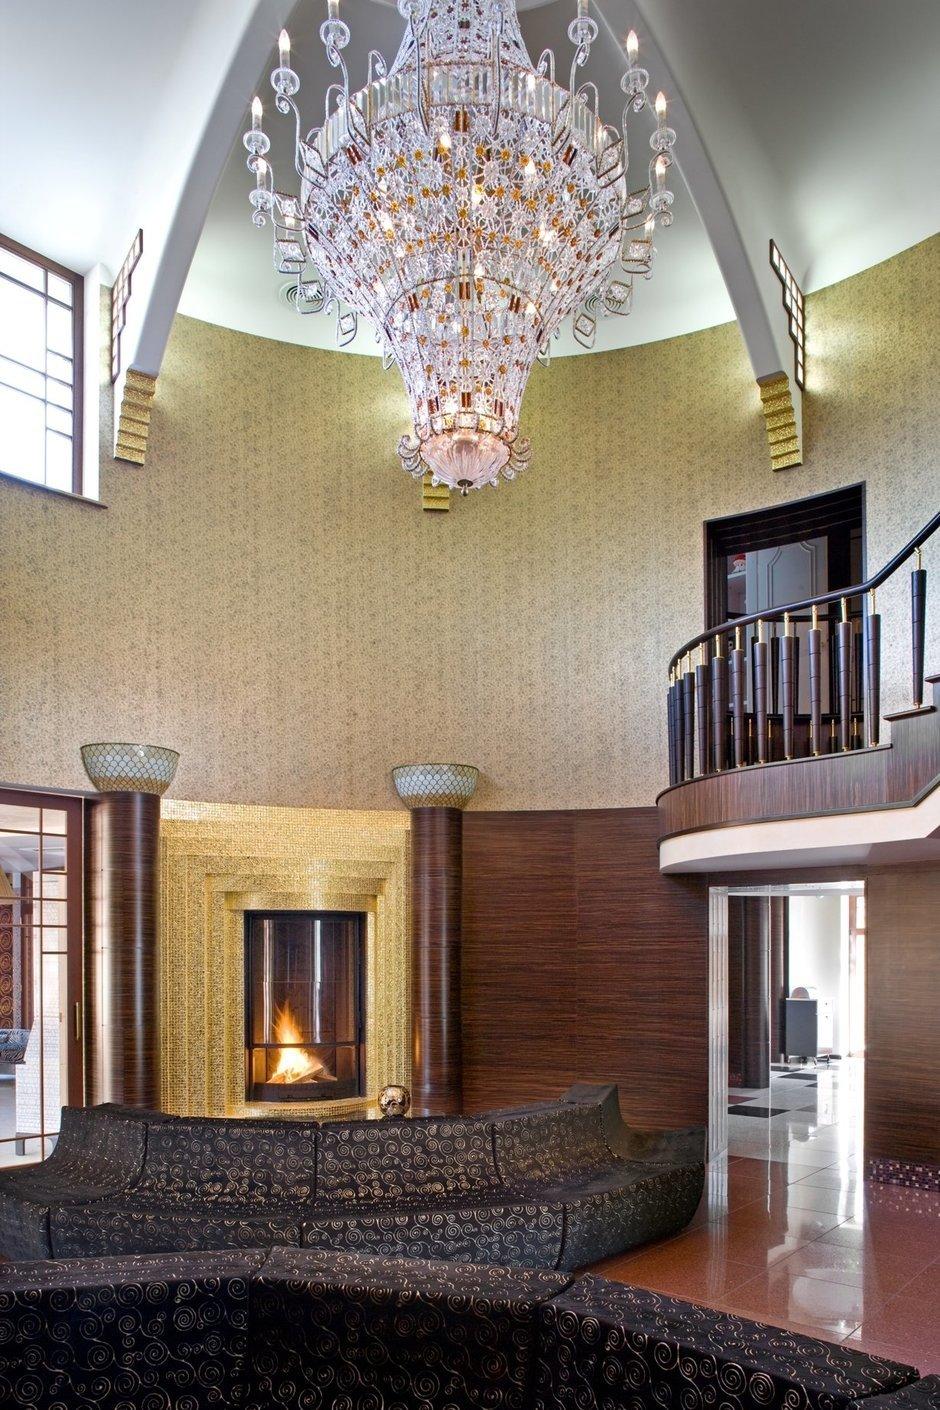 Фотография: Гостиная в стиле Современный, Дом, Дома и квартиры, Ар-деко – фото на InMyRoom.ru